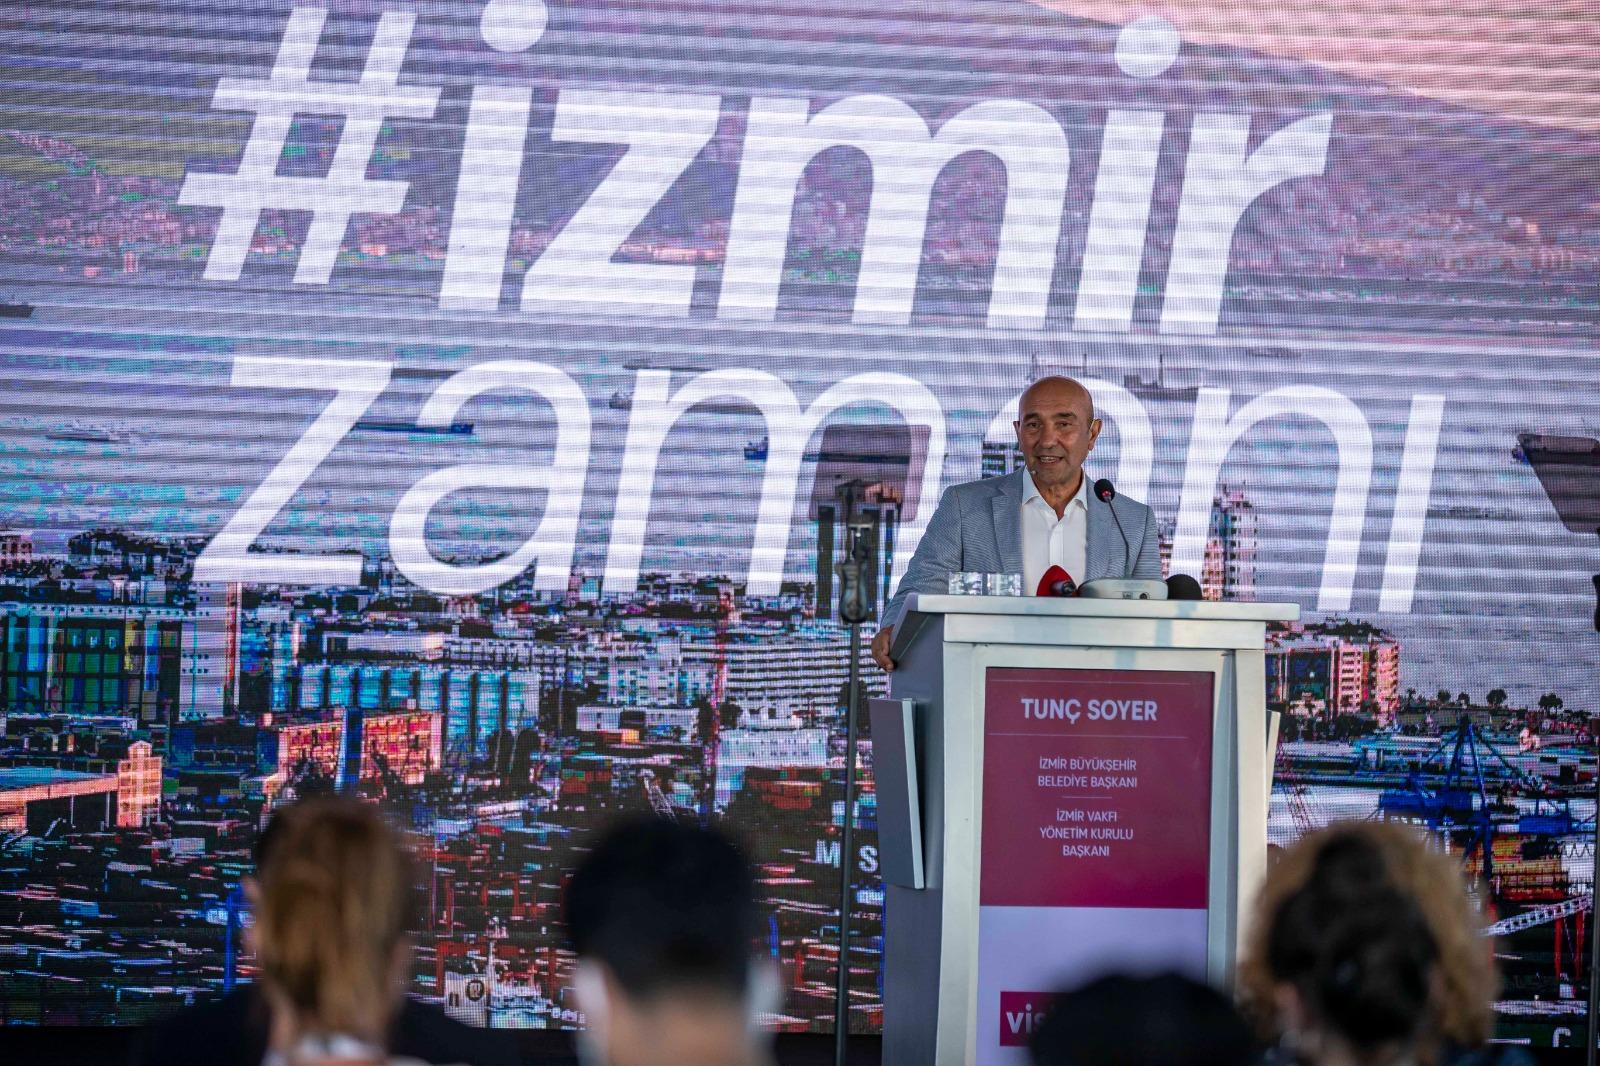 Visitİzmir İstanbul'da tanıtıldı Soyer: Herkesi İzmir Elçisi olmaya davet ediyorum